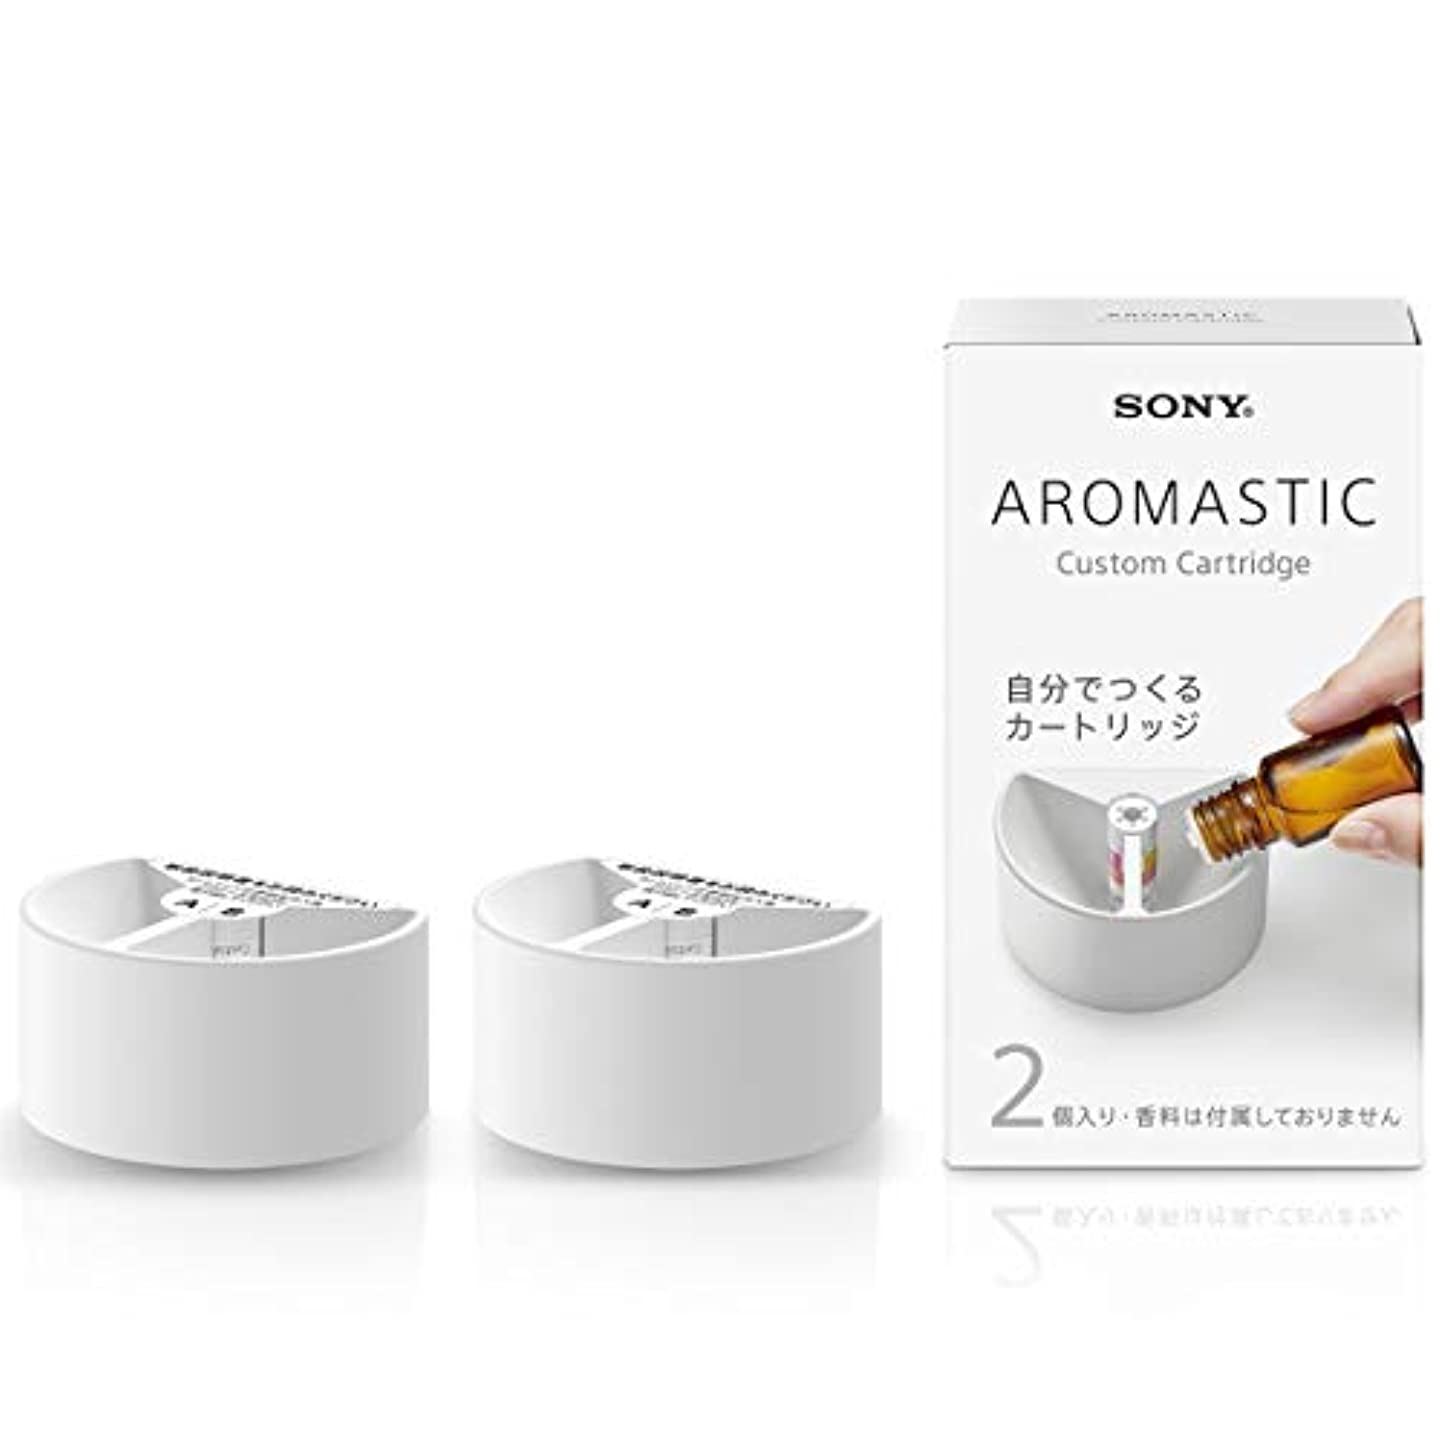 ダッシュ差し引く一目AROMASTIC Custom Cartridge(カスタムカートリッジ) OE-SC001